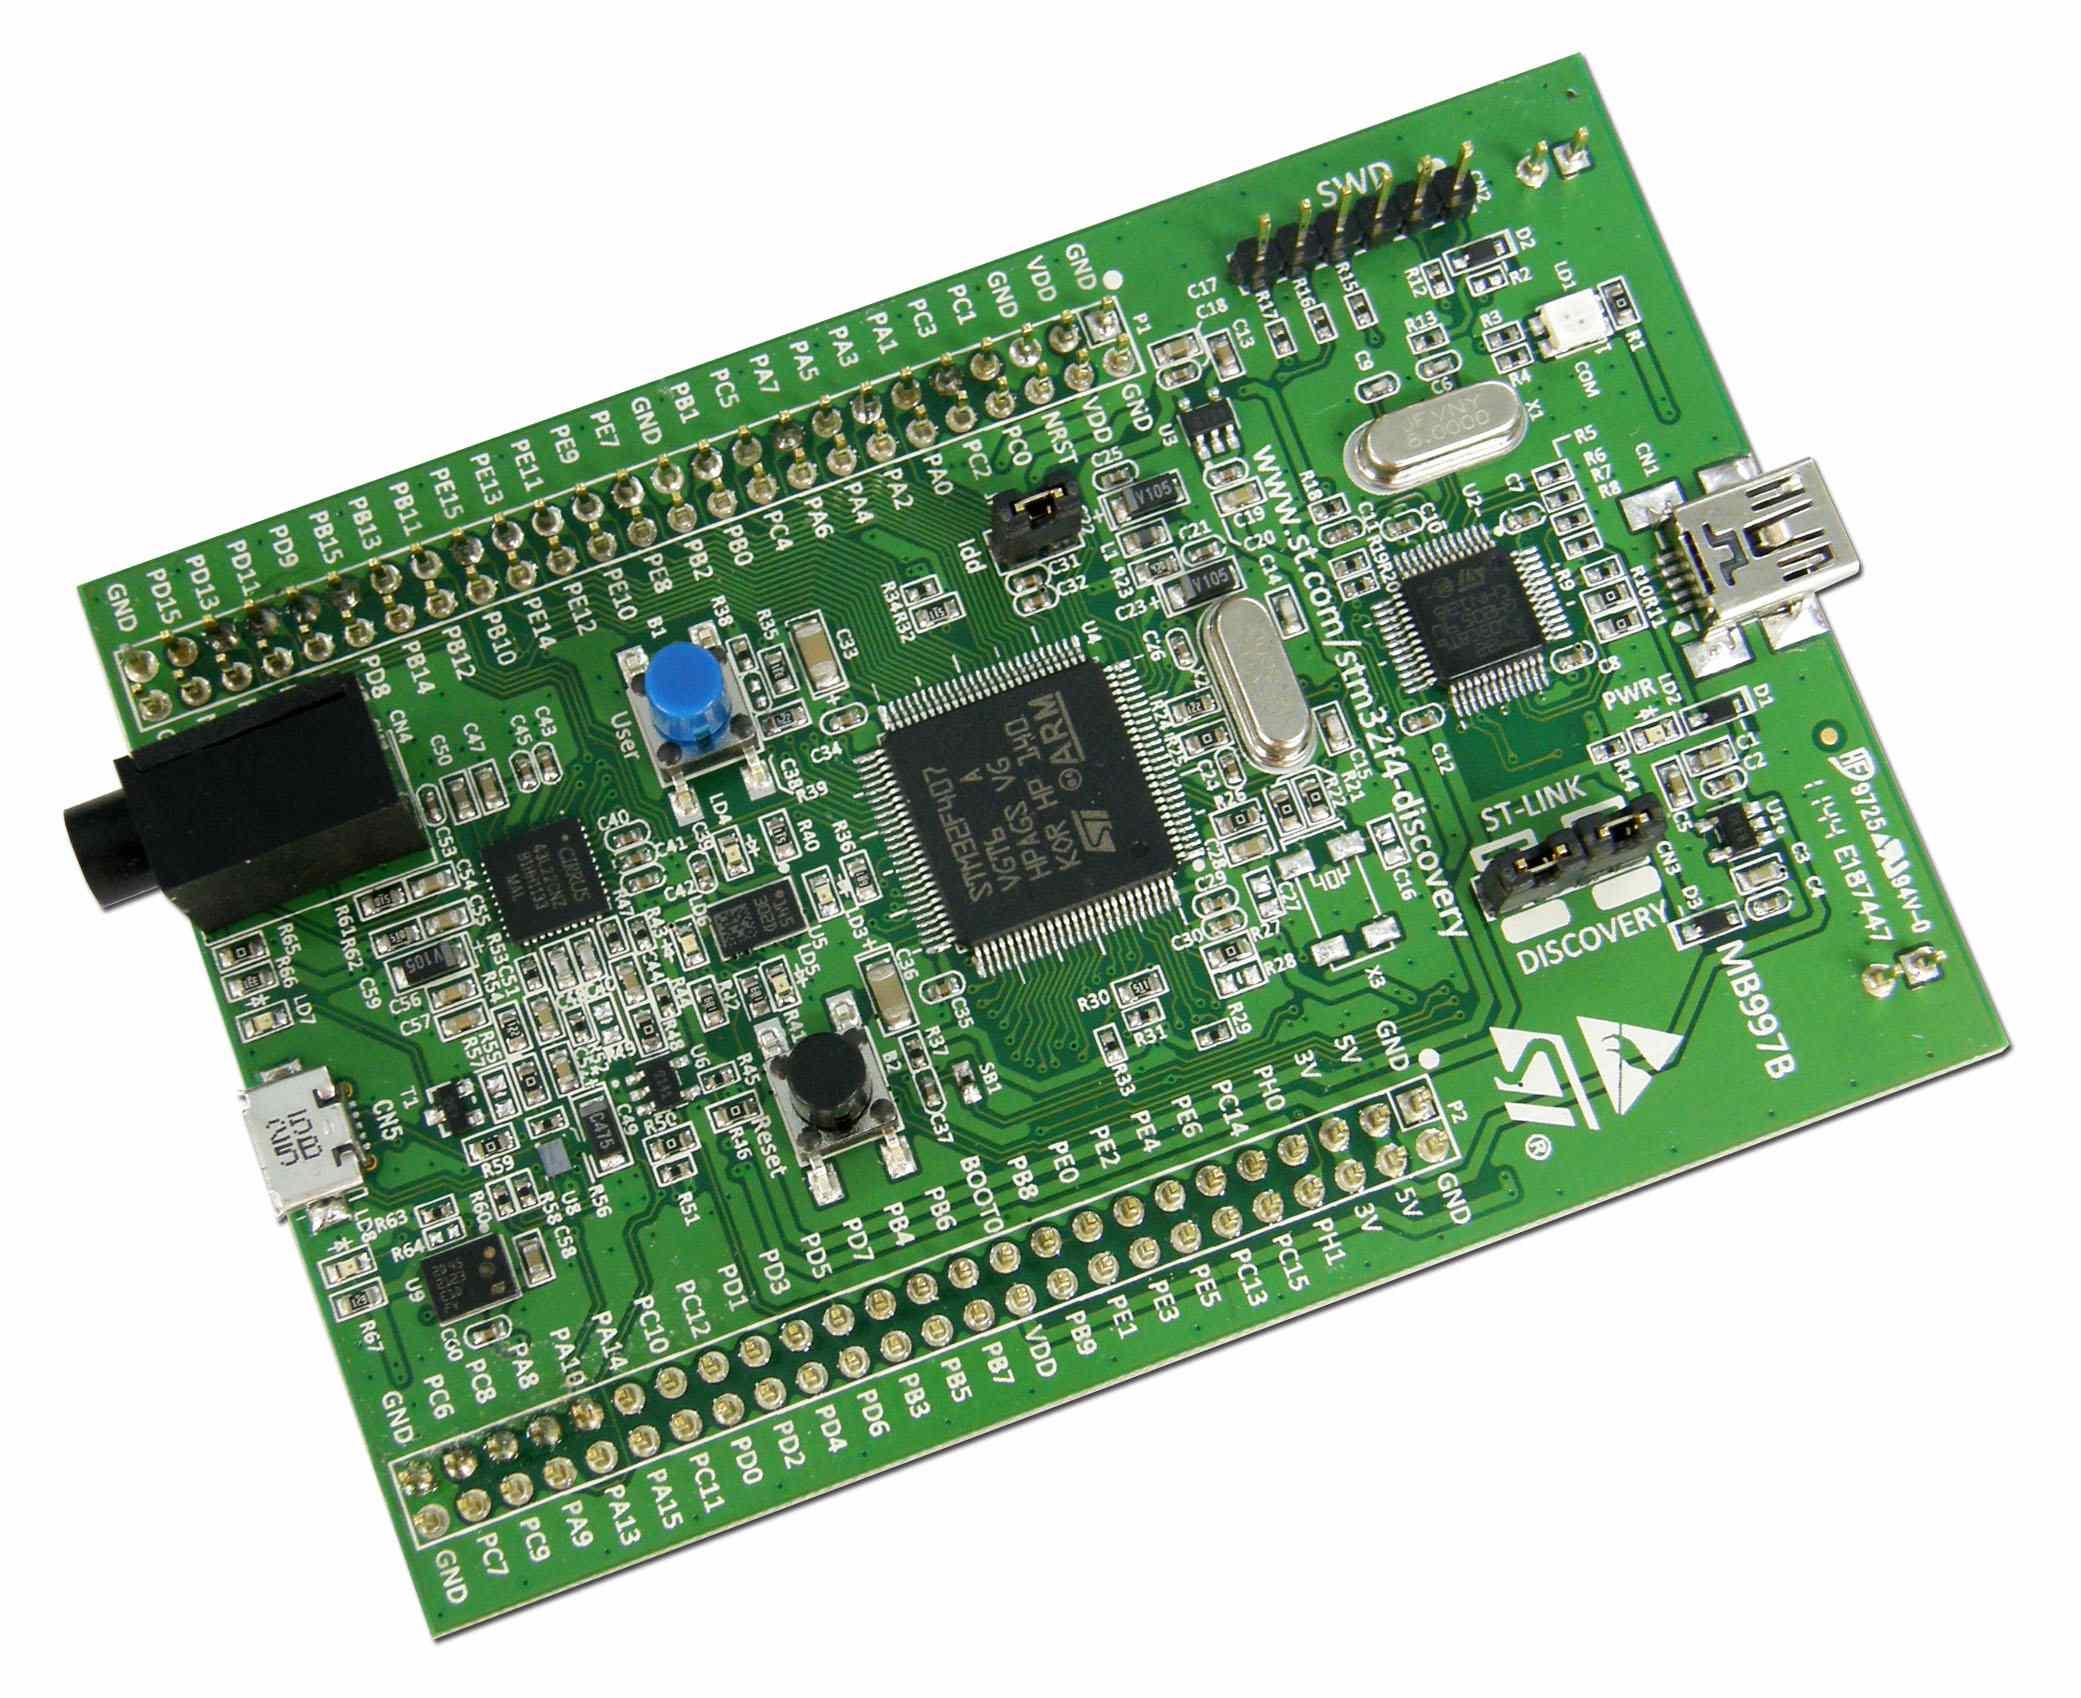 Układ STM32F4 wykorzystany do projektu sterownika drukarki trójwymiarowej. Źródło: blog.tkjelectronics.dk